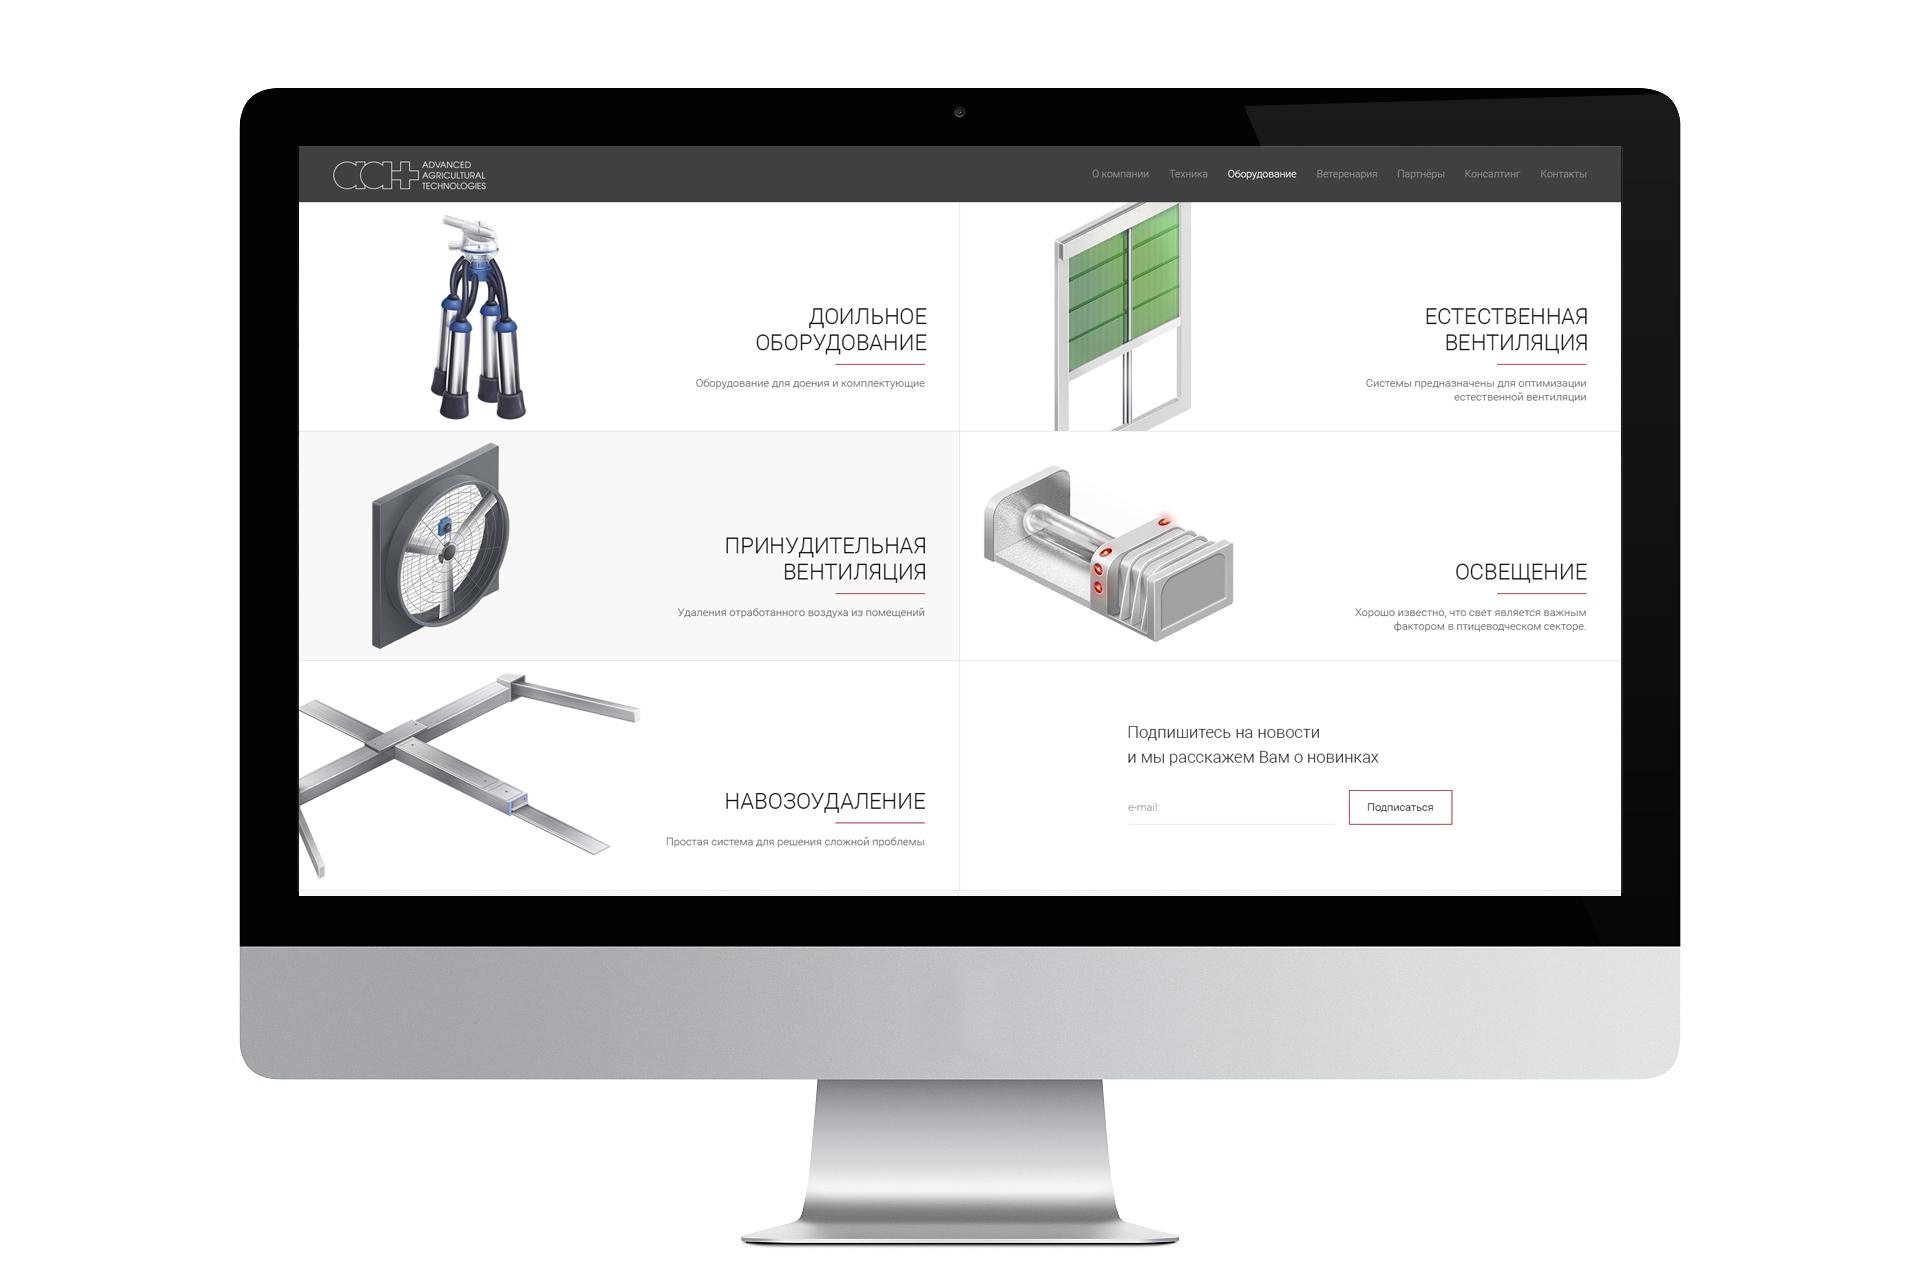 Дизайн вебсайта «Прогресивні аграрні технології» (AAT). Ілюстрації обладнання.